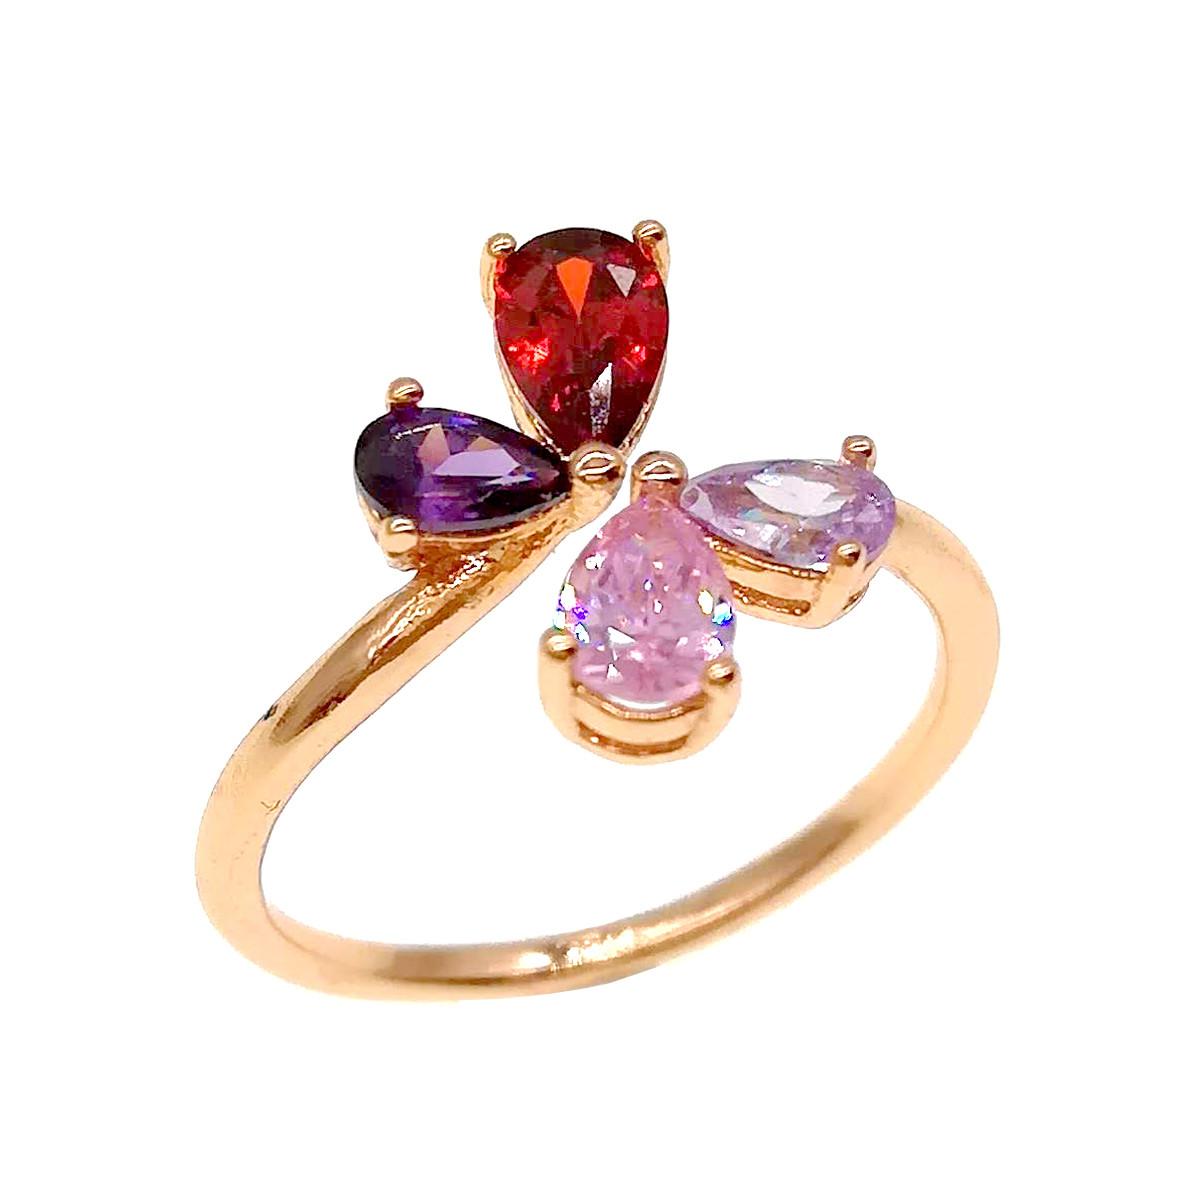 Кільце Xuping з медичного золота, червоні, рожеві та фіолетові фіаніти, позолота 18К, 11790 (Безрозмірна)